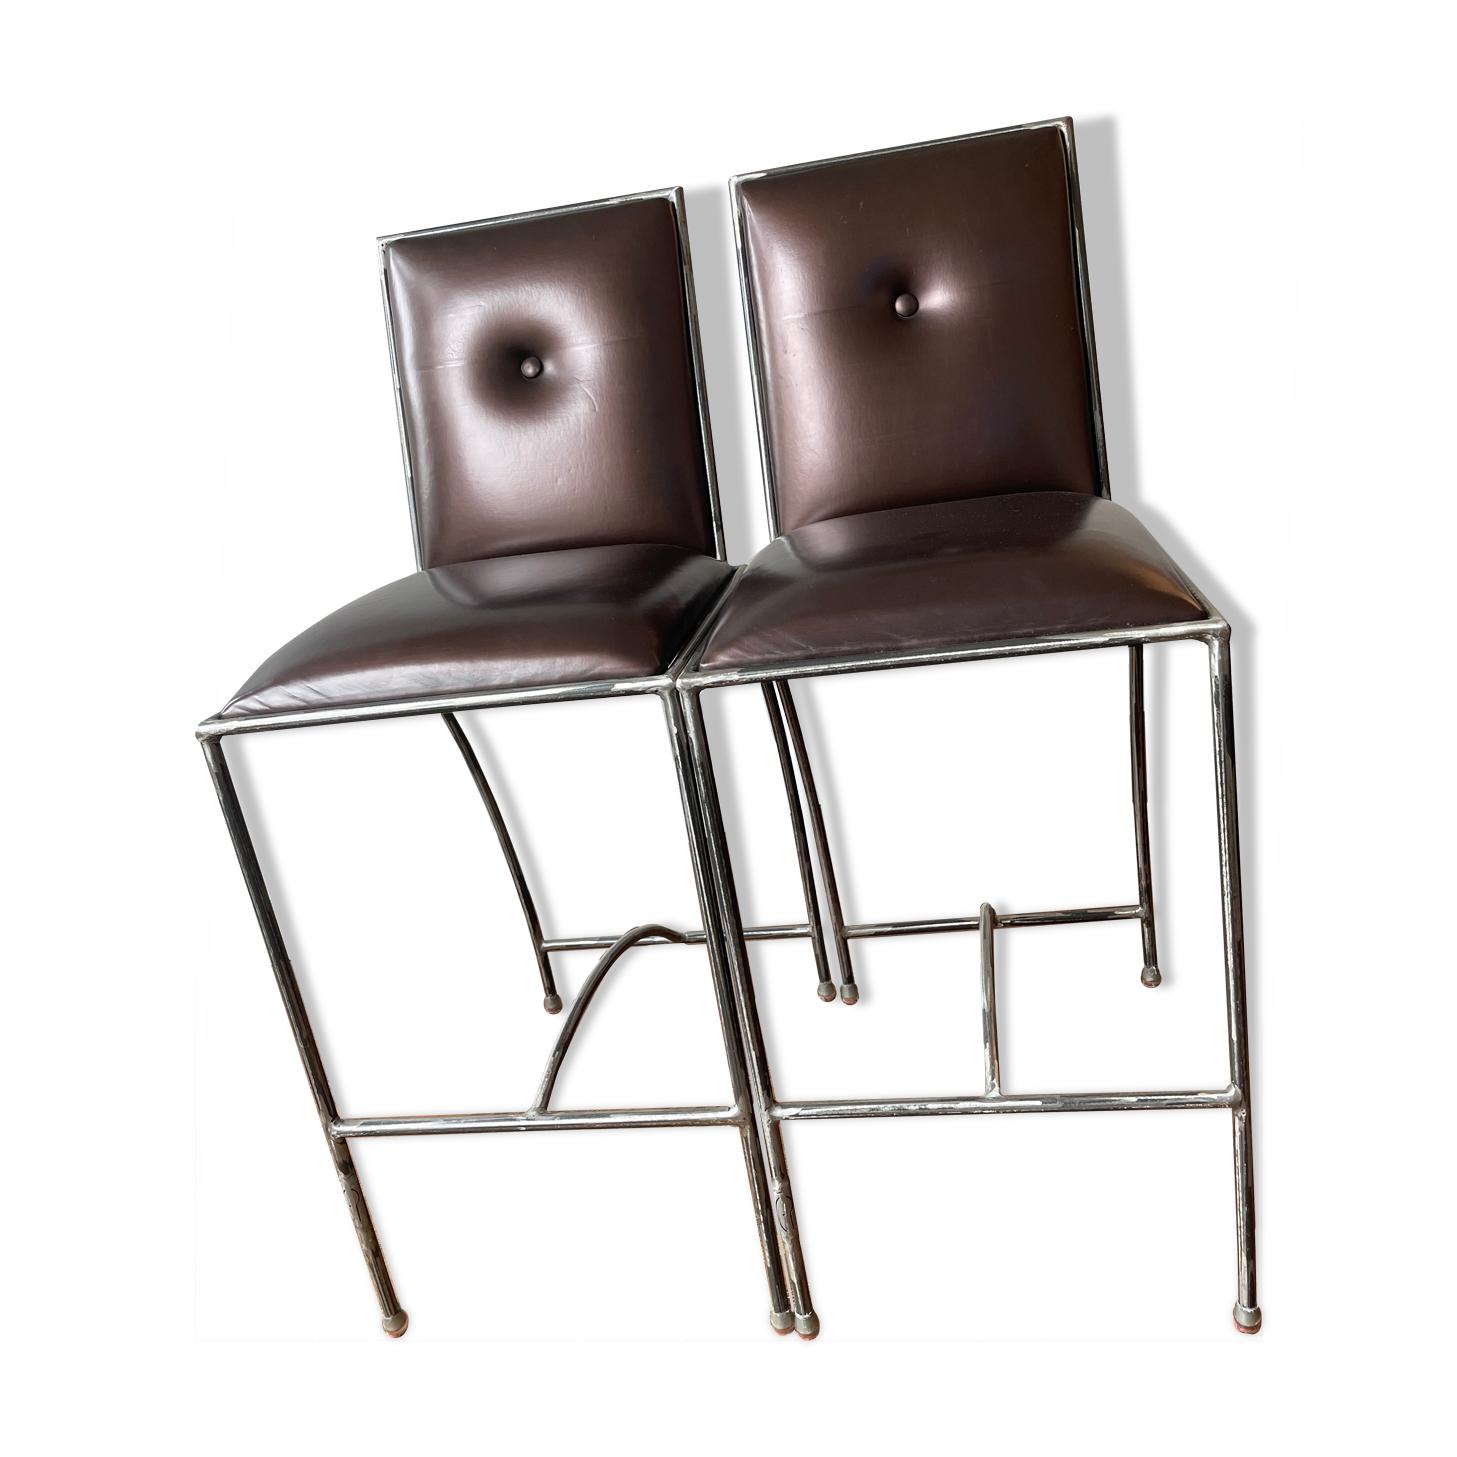 Lot de 2 tabourets avec dossier acier brossé assise marron glacé - designer chantal peyrat